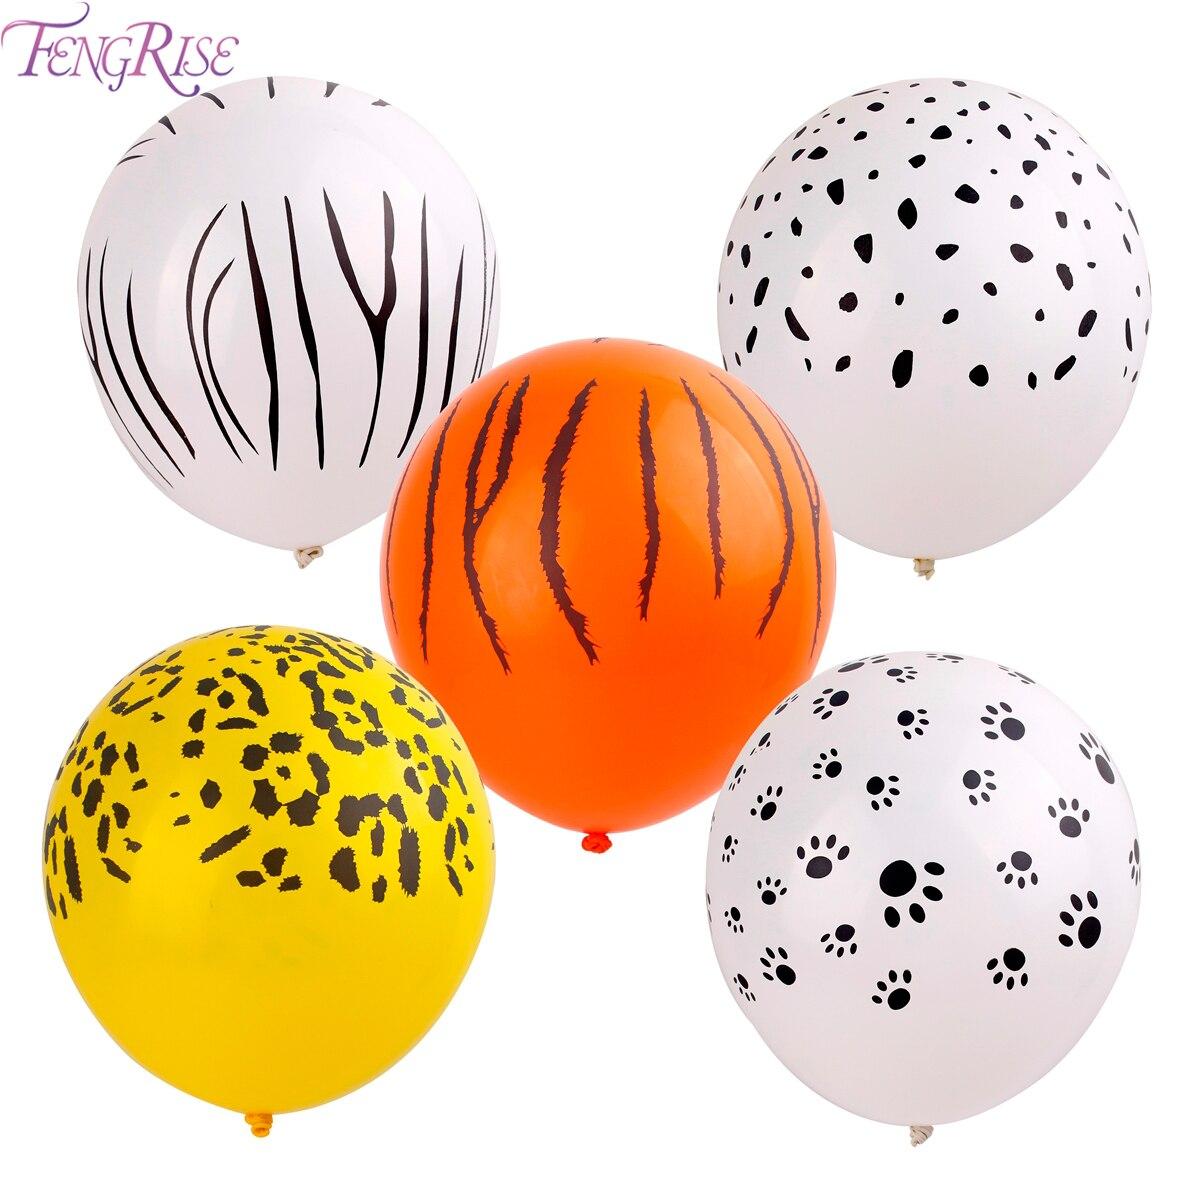 FENGRISE 10 piezas globos de látex animales niños Favor regalos Tigre cebra perro globo cumpleaños tema Fiesta Baby Shower inflable Ballon